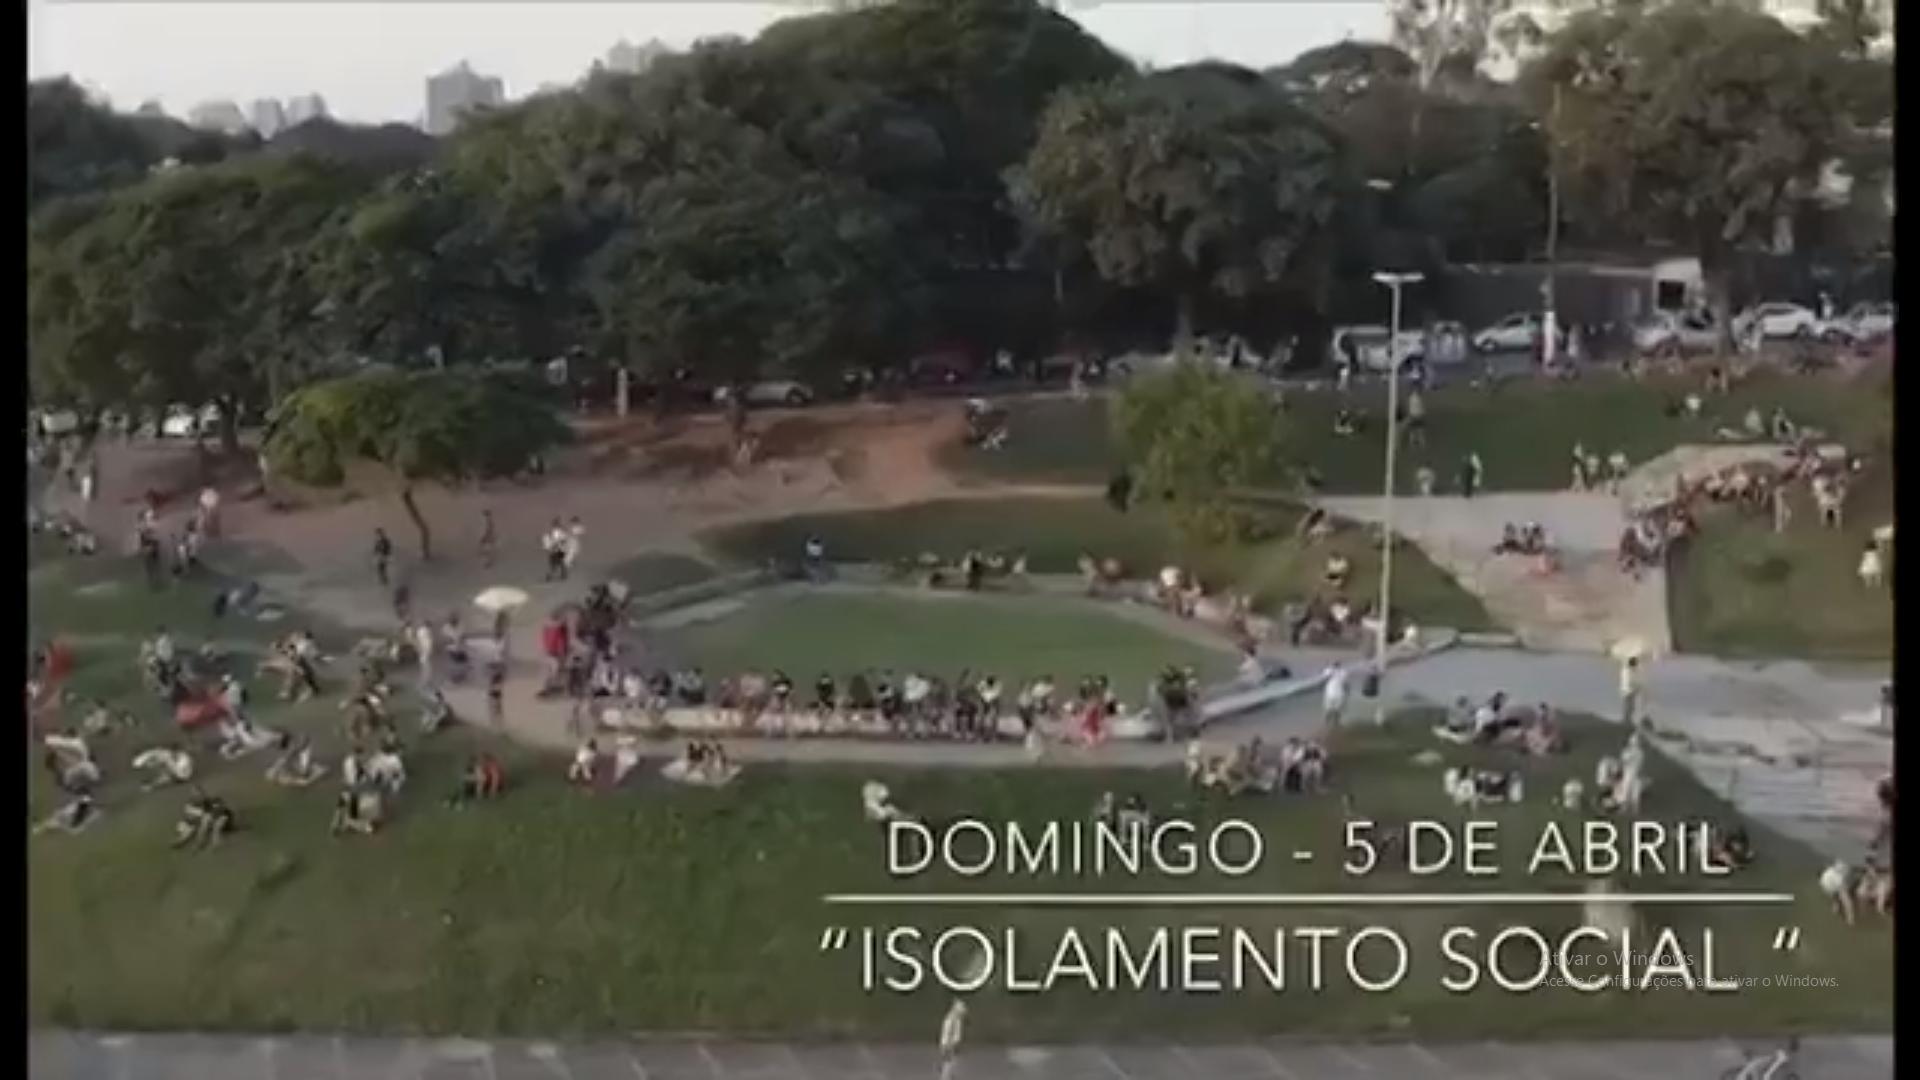 Praça Por do Sol dia 05 de abril 3 - Quarentena: Drone regista imagens da praça do Pôr do Sol na capital de SP e aparece LOTADA DE PESSOAS